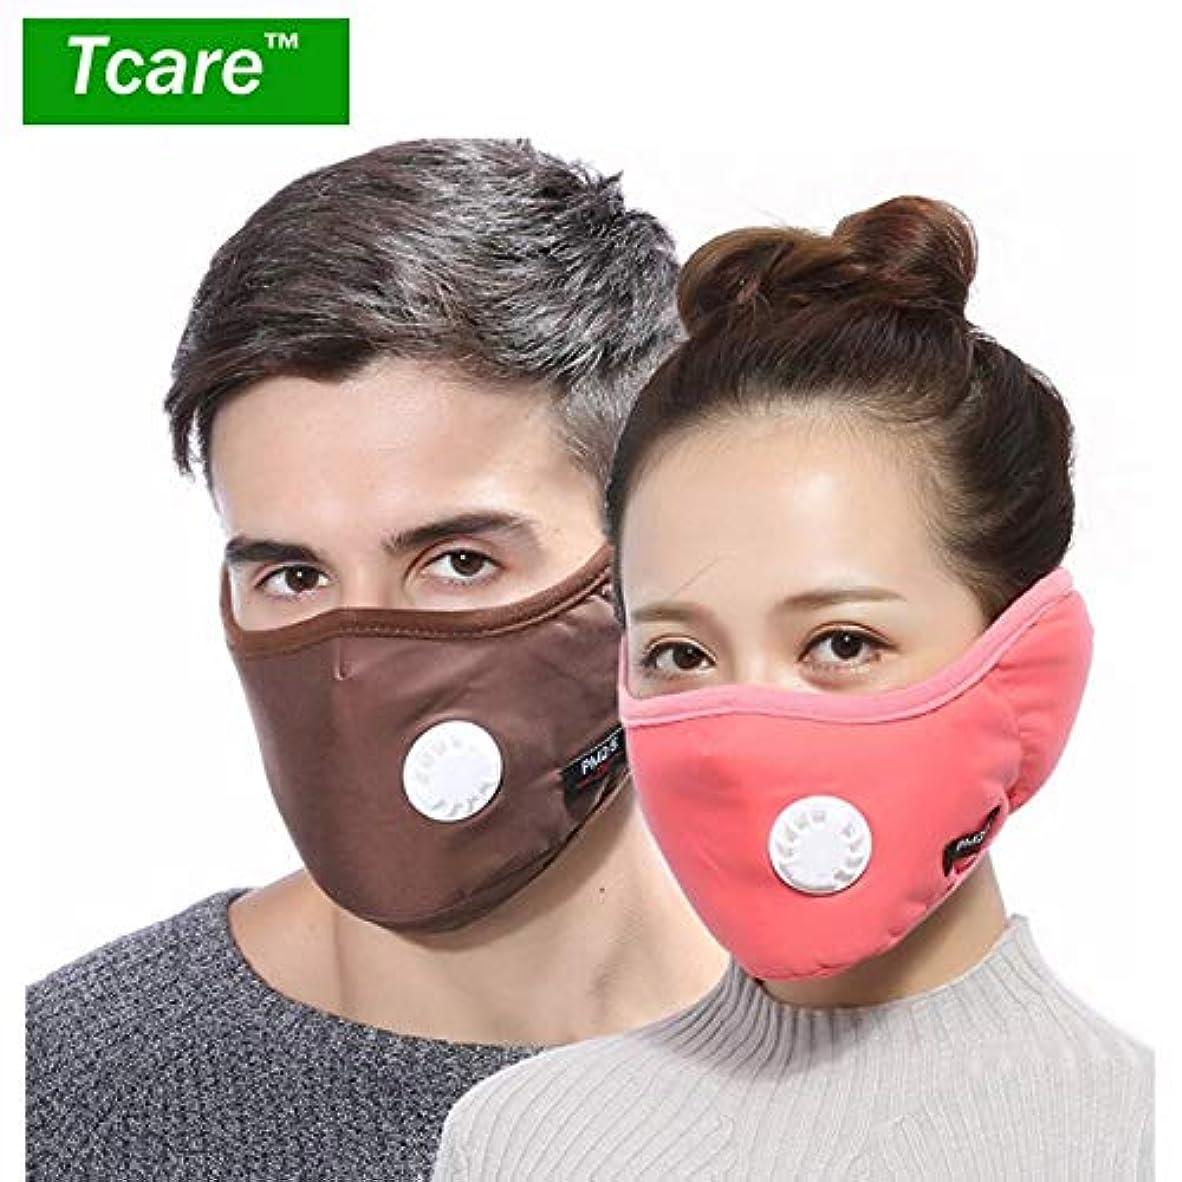 所有者アスペクト出力3ダーク:1 PM2.5マスクバルブコットンアンチダスト口マスクの冬のイヤーマフActtedフィルター付マスクでTcare 2